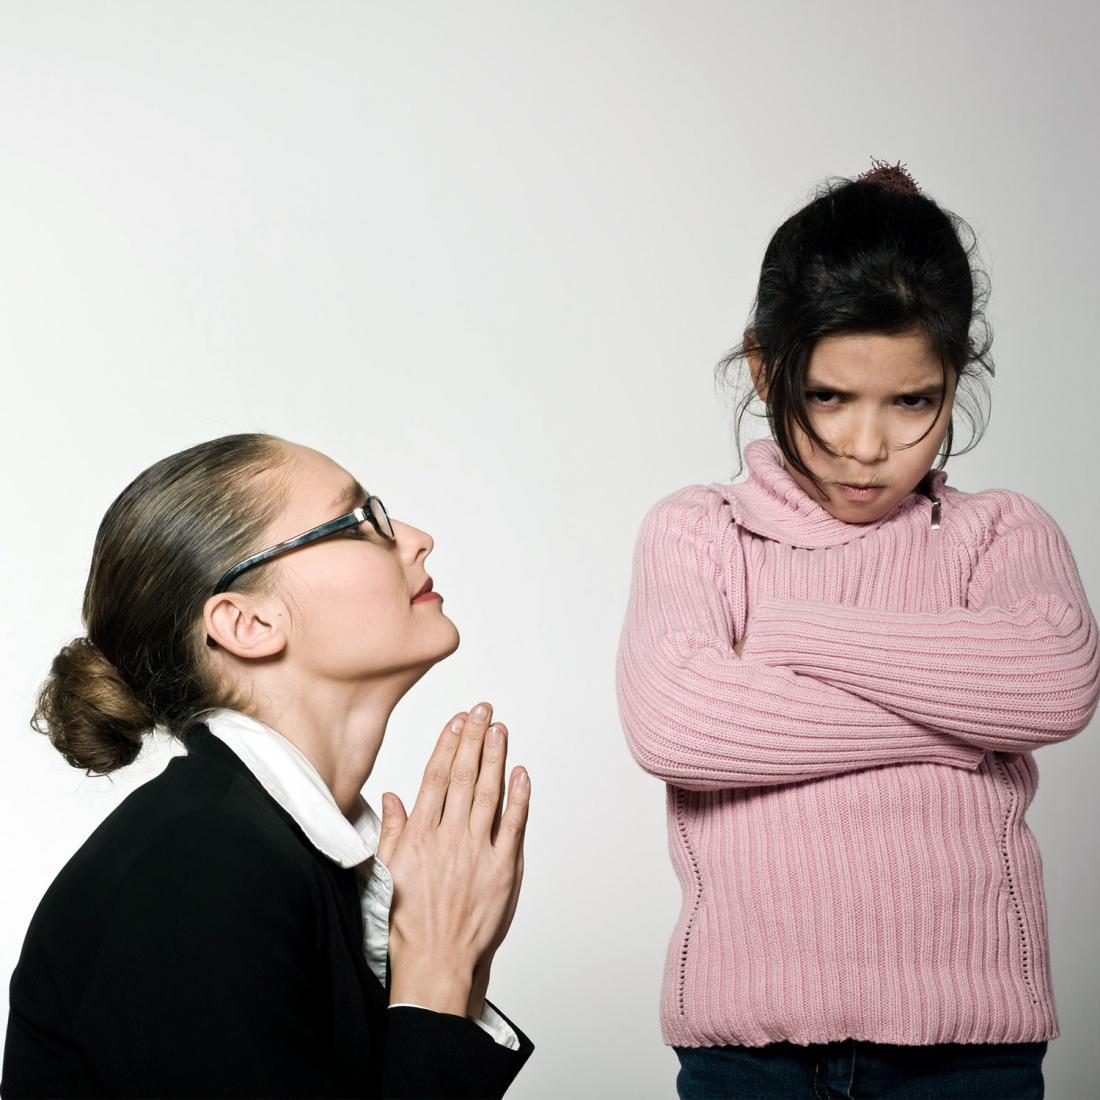 почему у ребенка пахнет изо рта печенкой